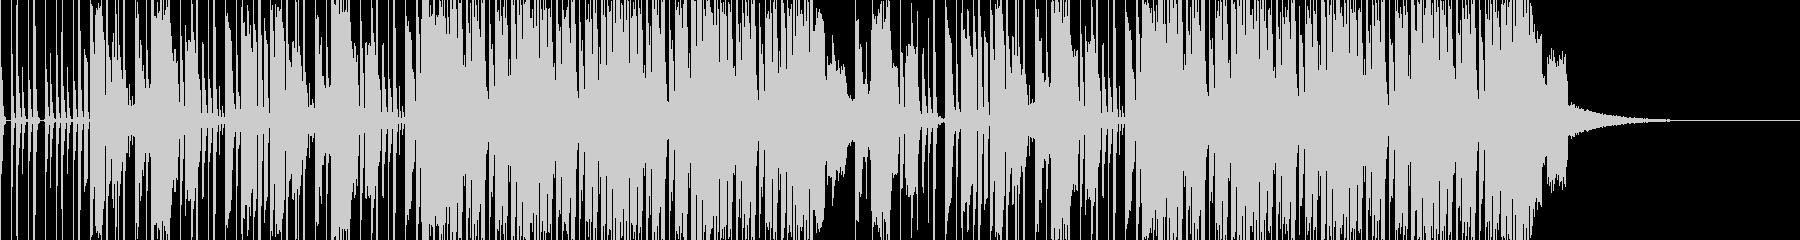 ポップ テクノ ファンク 実験的な...の未再生の波形